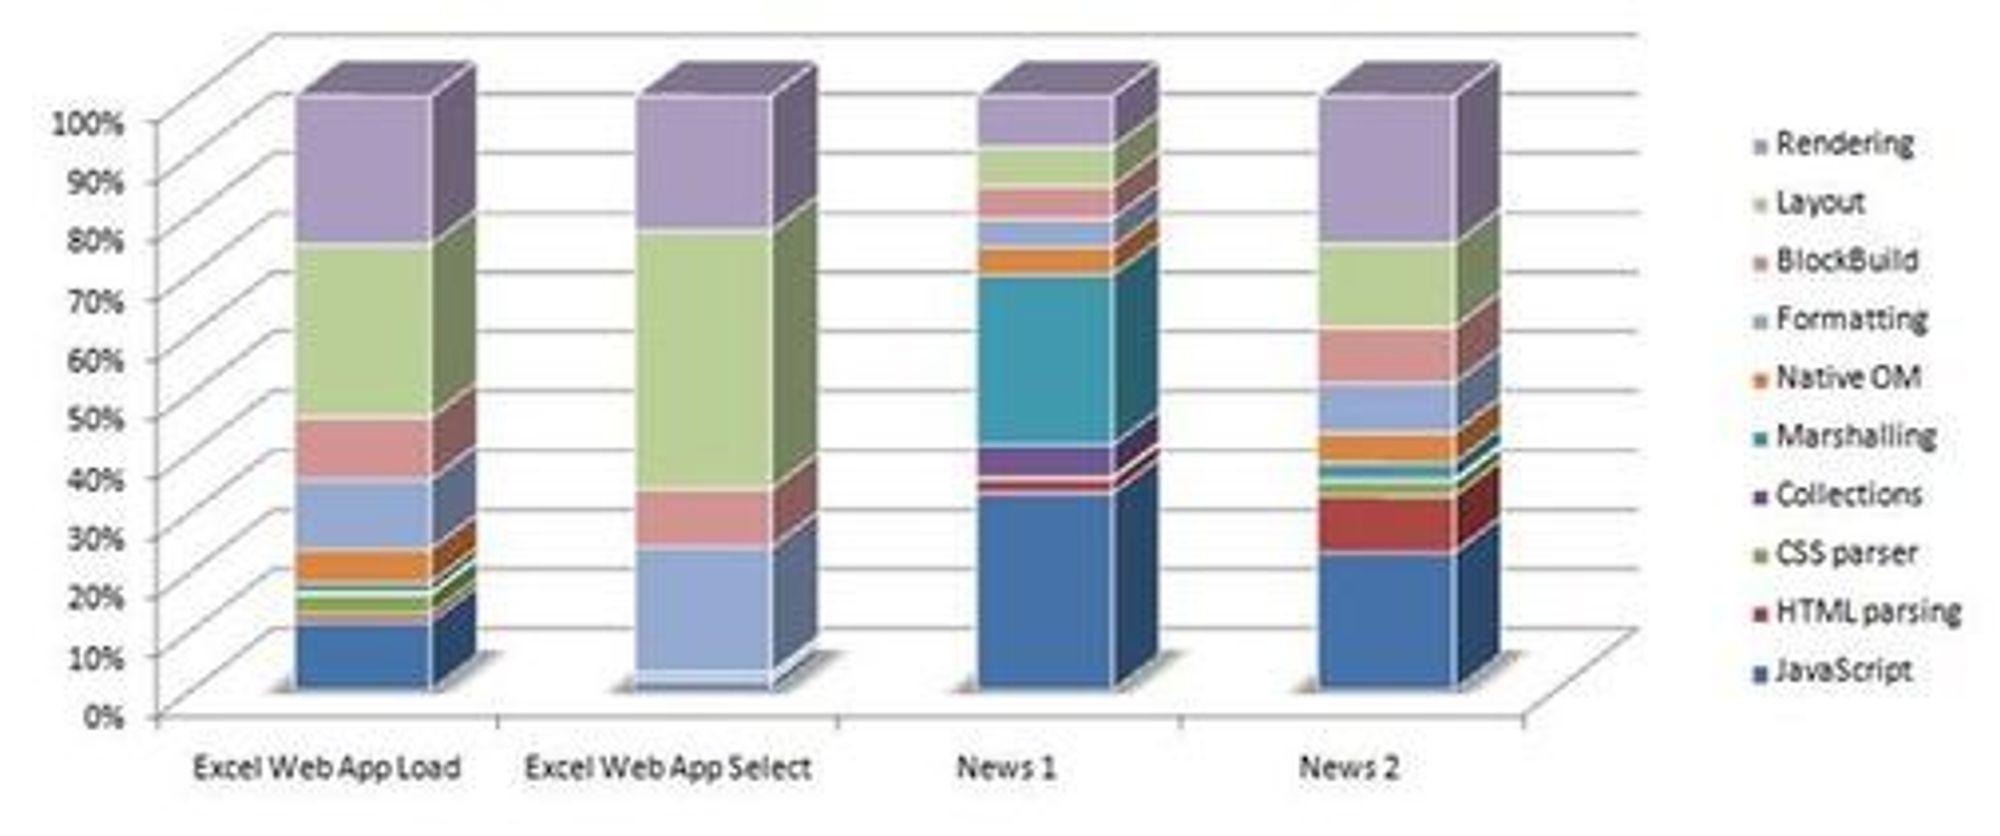 Ytelsestester gjort med Sunspider med ulike nettlesere i november 2009.